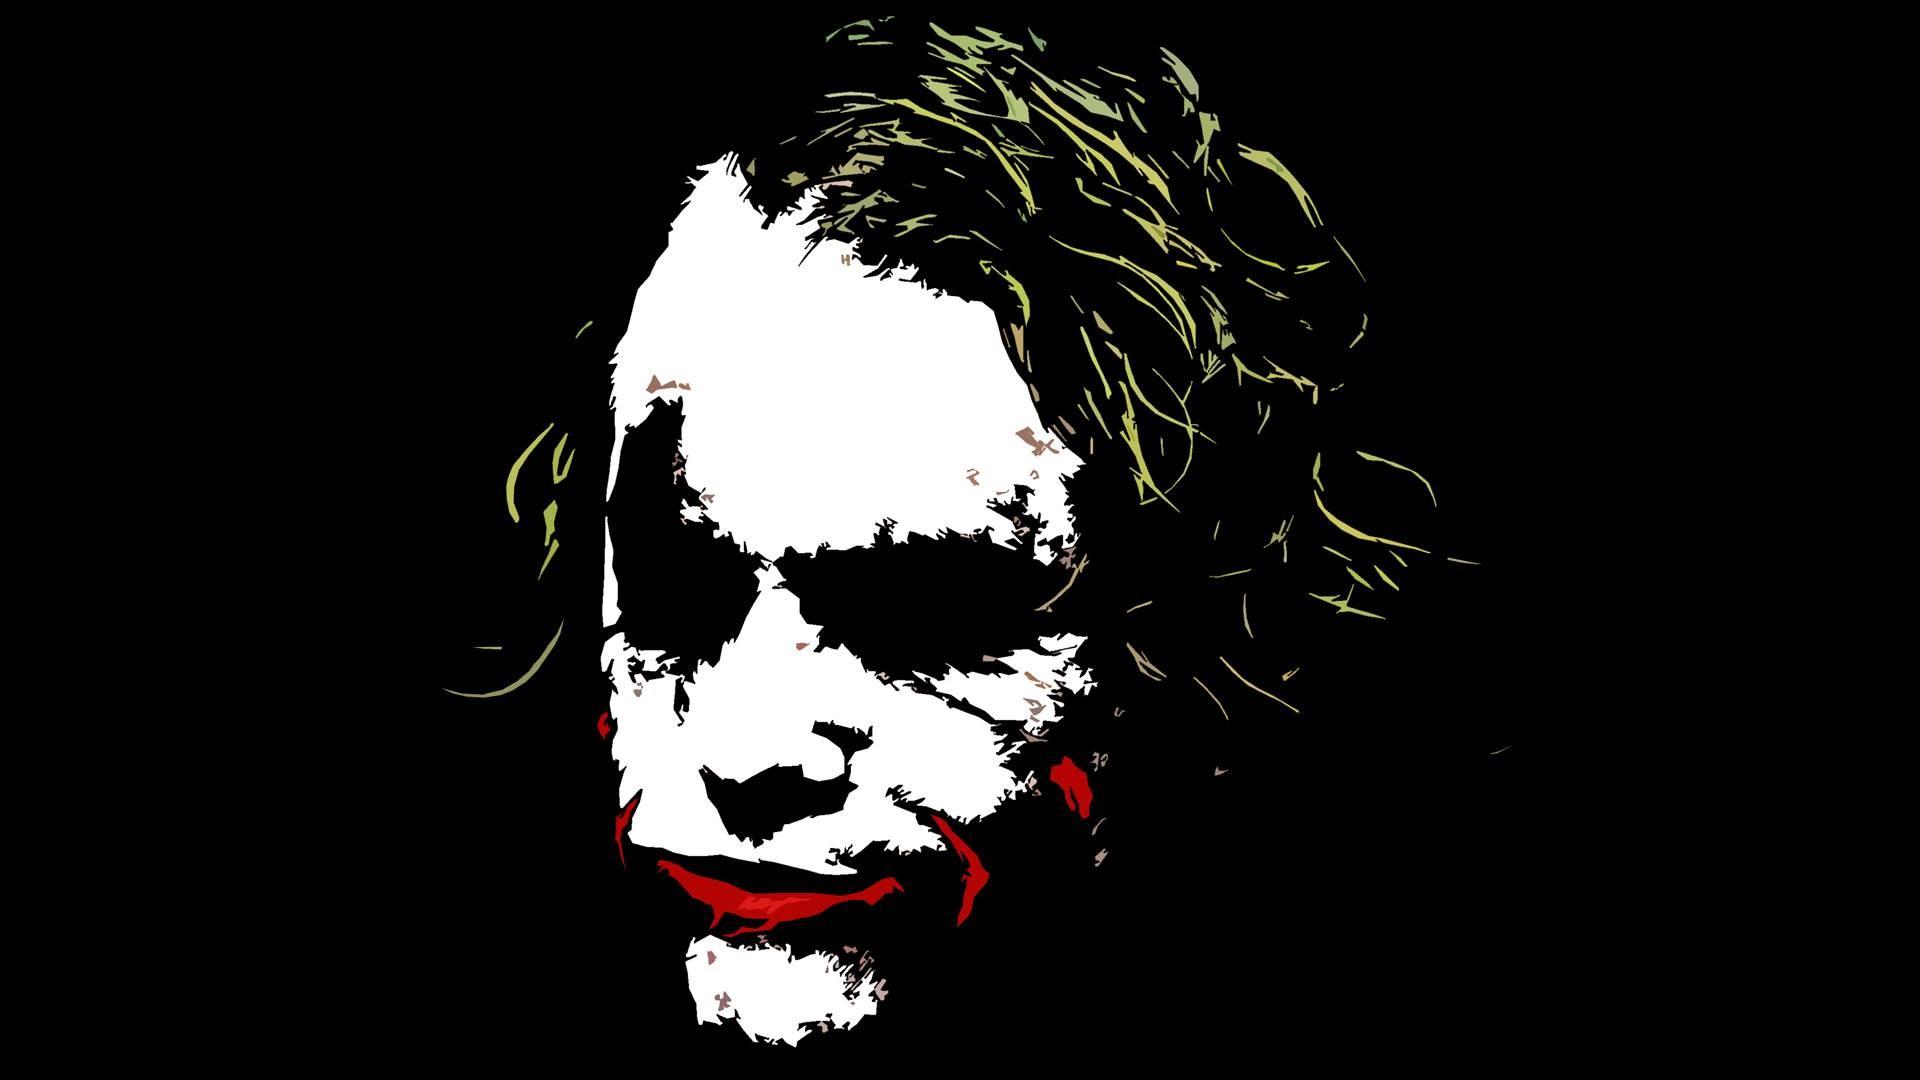 the joker wallpaper HD Wallpaper.